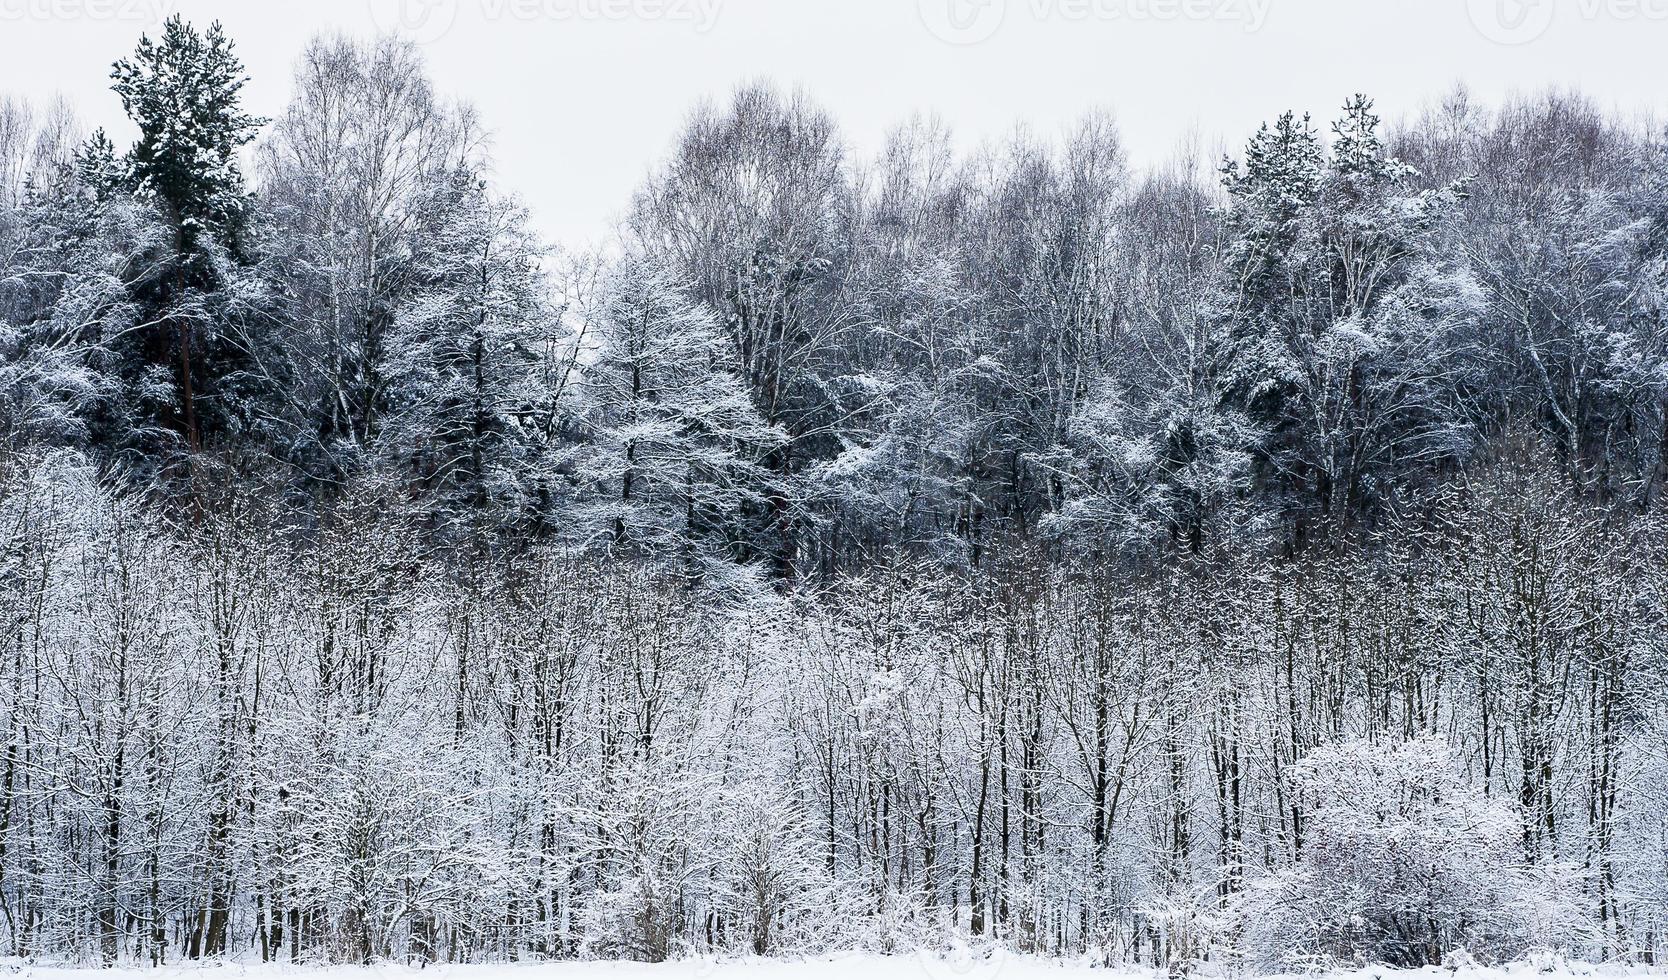 bosque en invierno foto